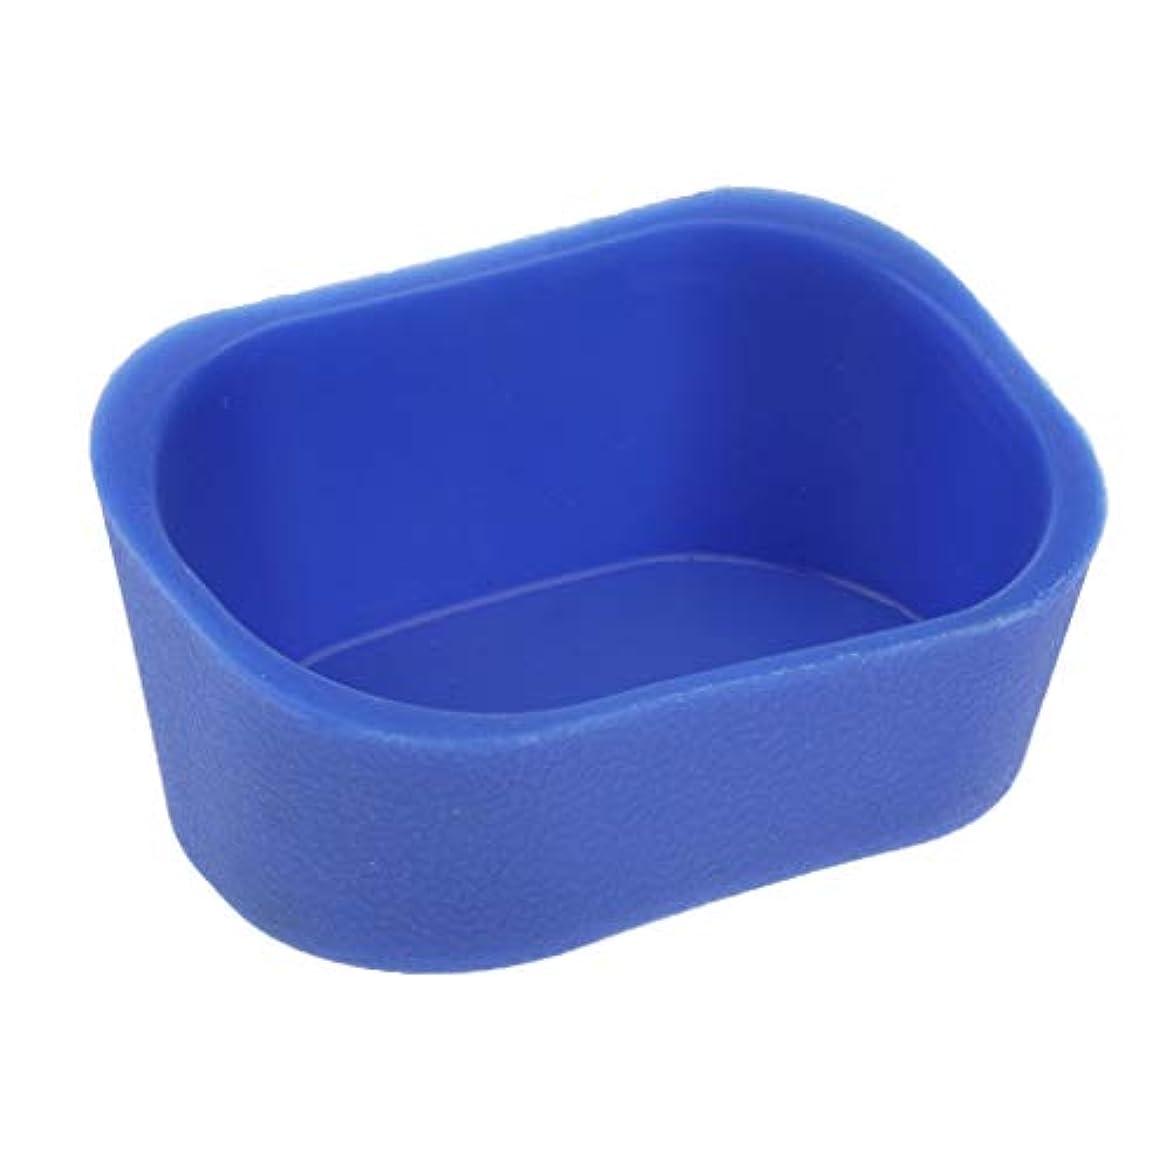 誤解させる素晴らしきデイジーPerfeclan サロンネックピロー シャンプーボウル ネックレス クッション ピロー サロン 5色選べ - 青